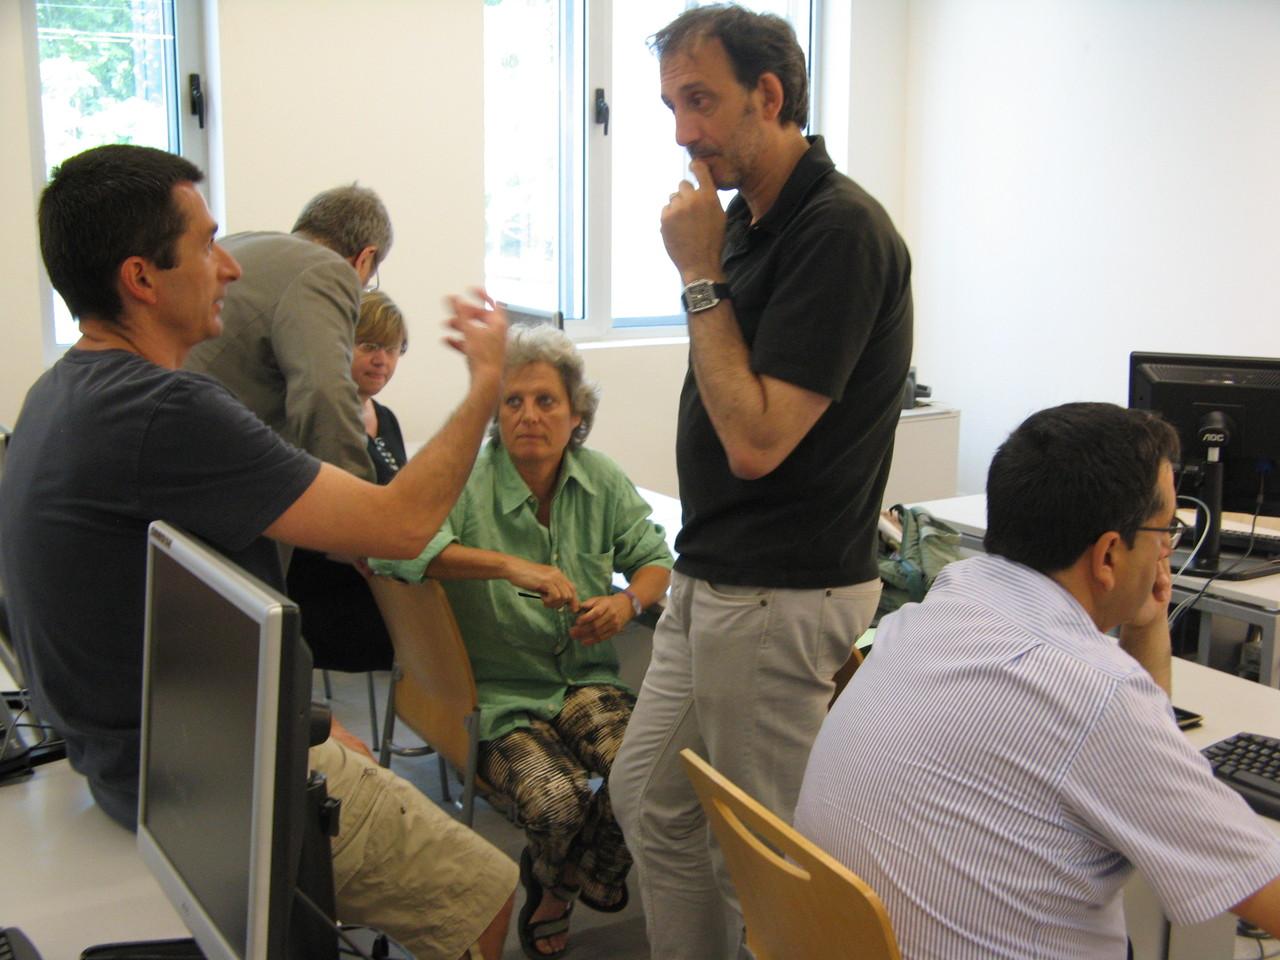 El debat dels grups de discussió va girar entorn la pràctica docent i les oportunitats del programa Cirax